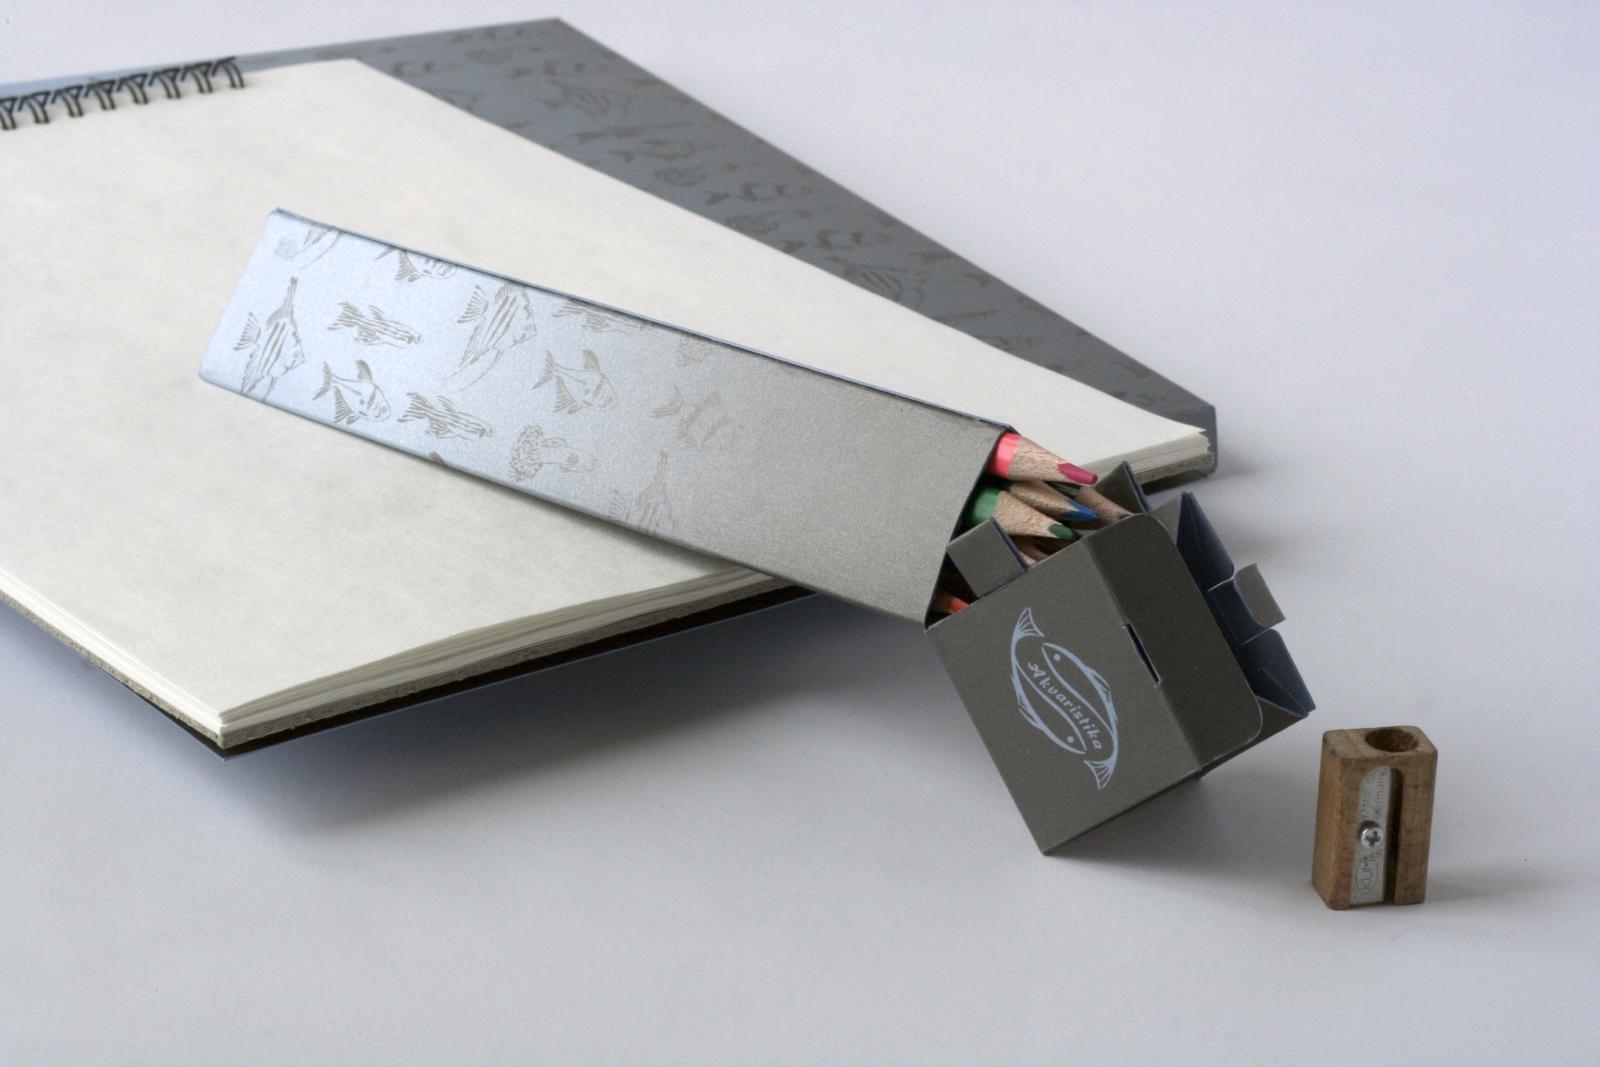 Krabička na pastelky jako propagační předmět + desky na skicák<br> 2. ročník, 2020/2021 <br> klauzurní práce <br> K realizaci práce byly použity technologie: digitální tisk na stroji Mimaki a řezací plotr Kongsberg.